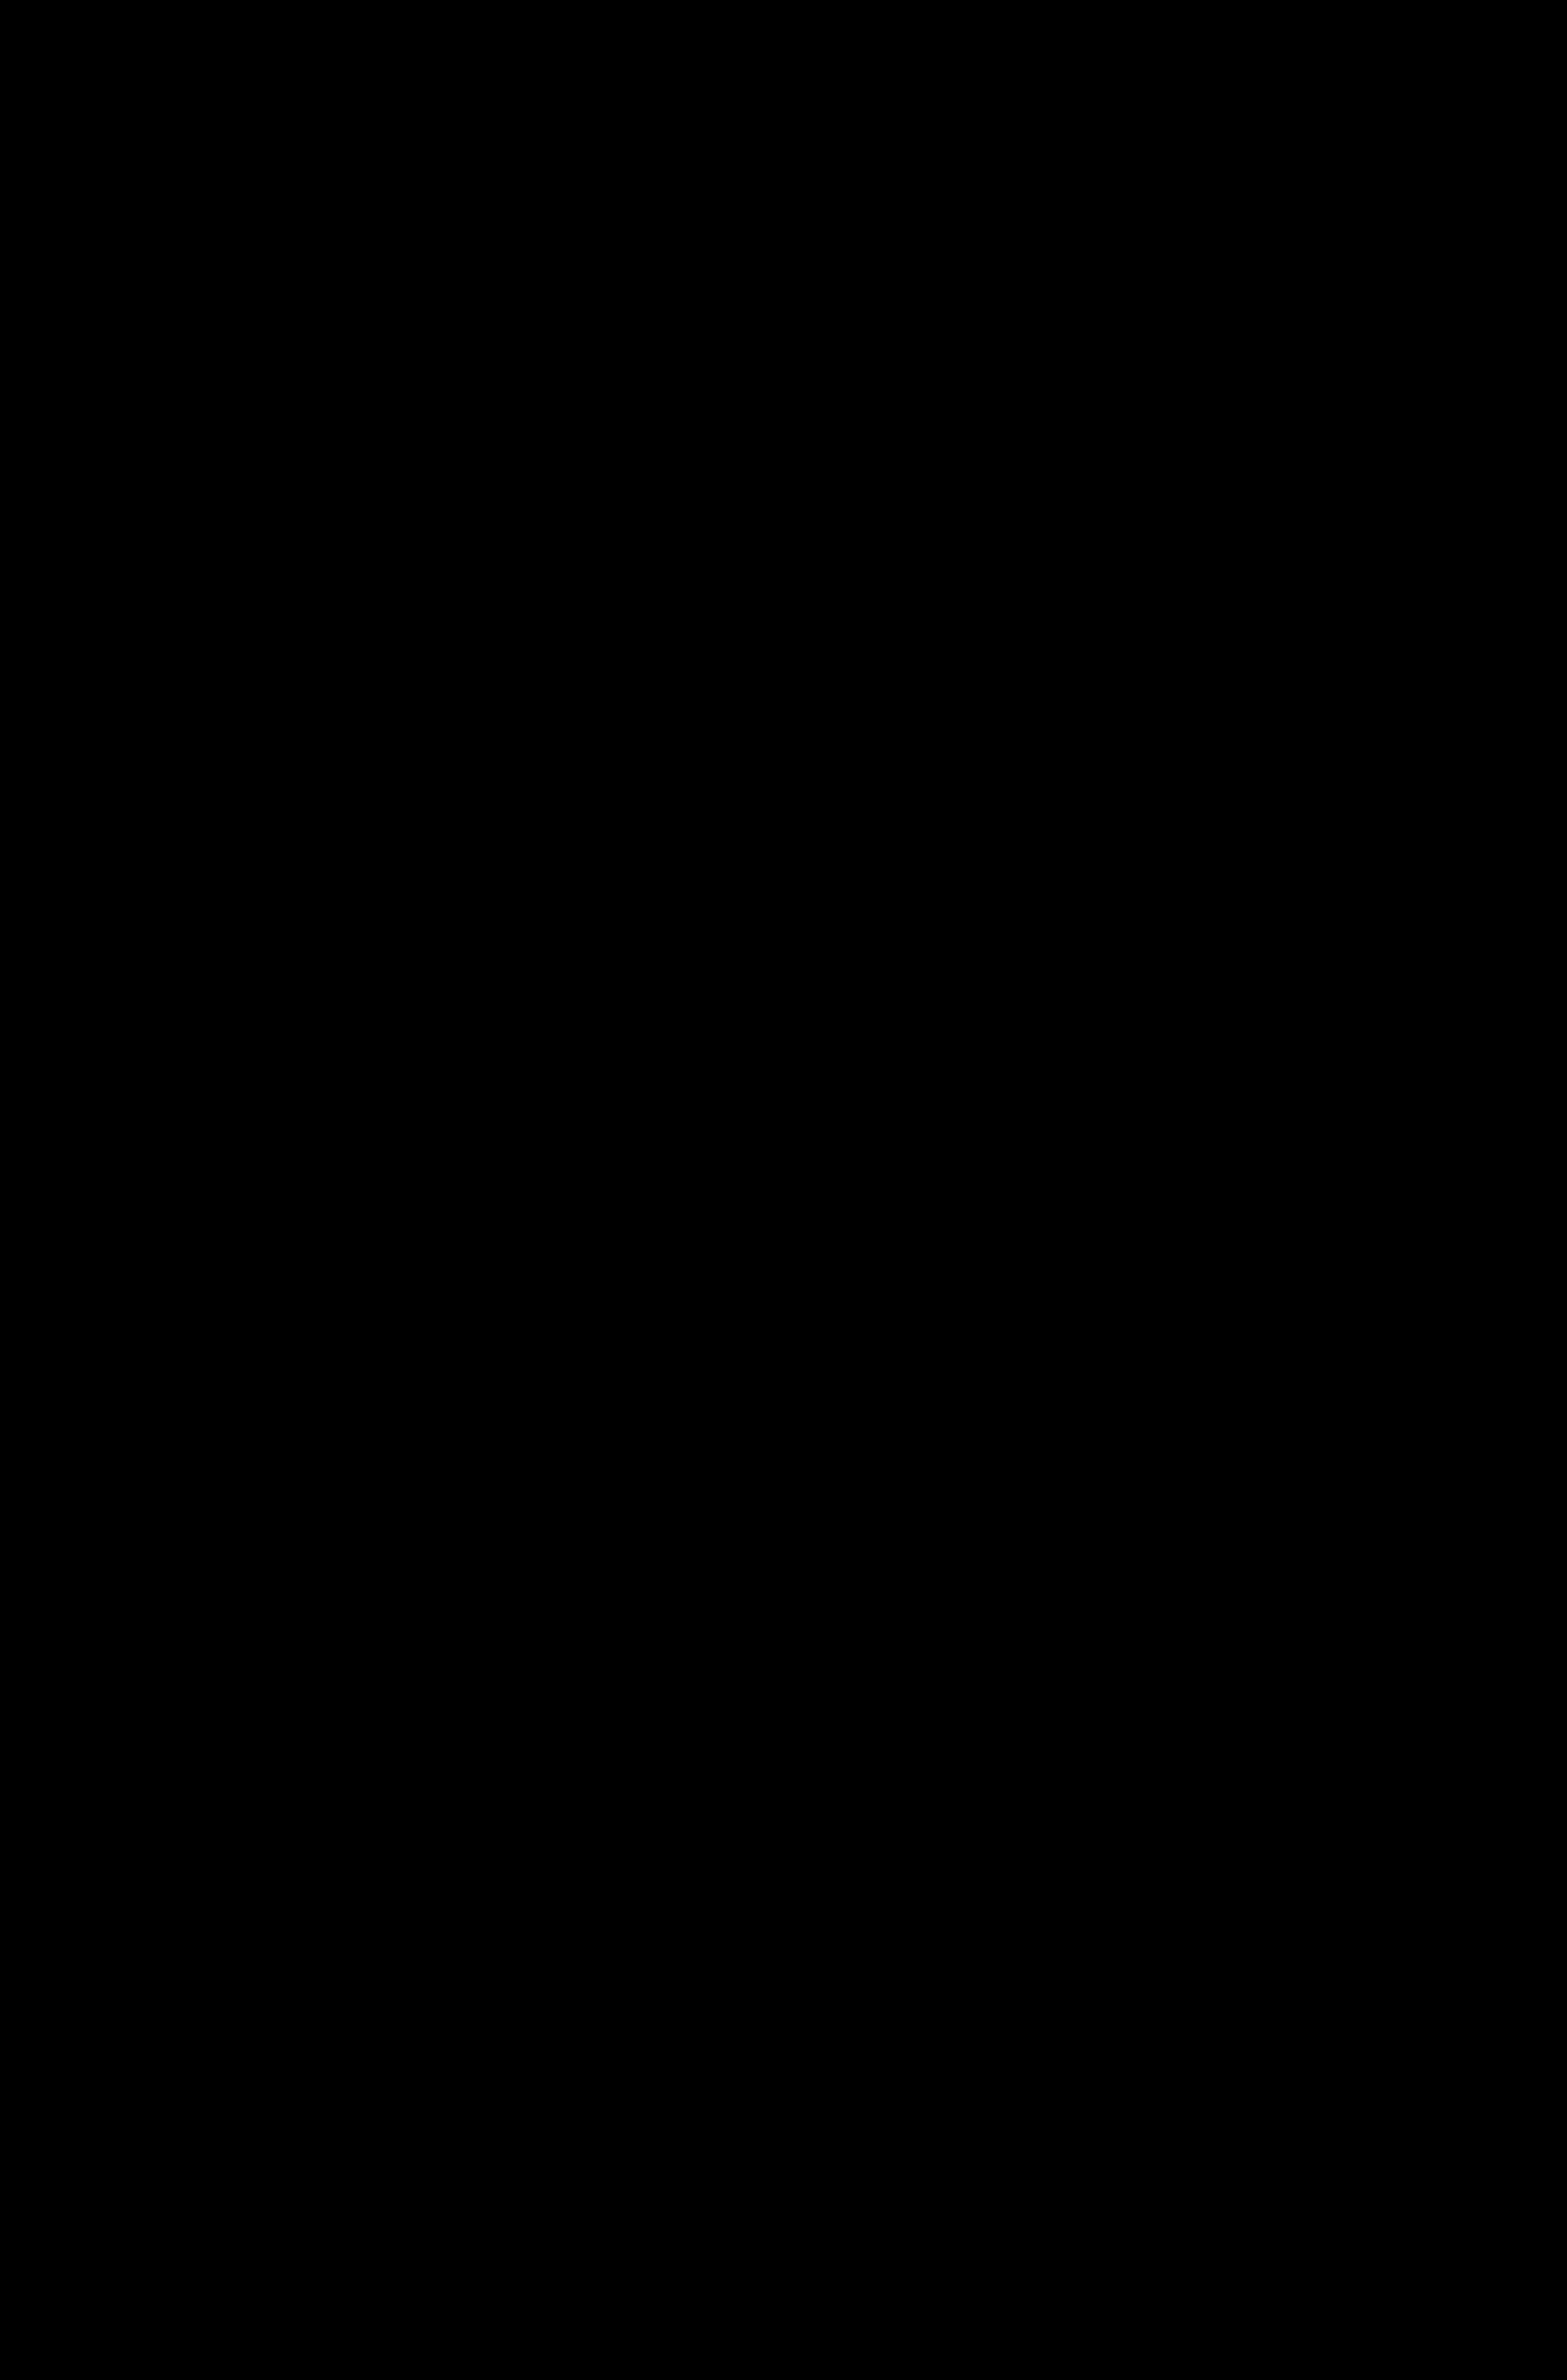 Chiến dịch làm cho thế giới sạch hơn năm 2020 sẽ góp phần lan tỏa tới mọi người.